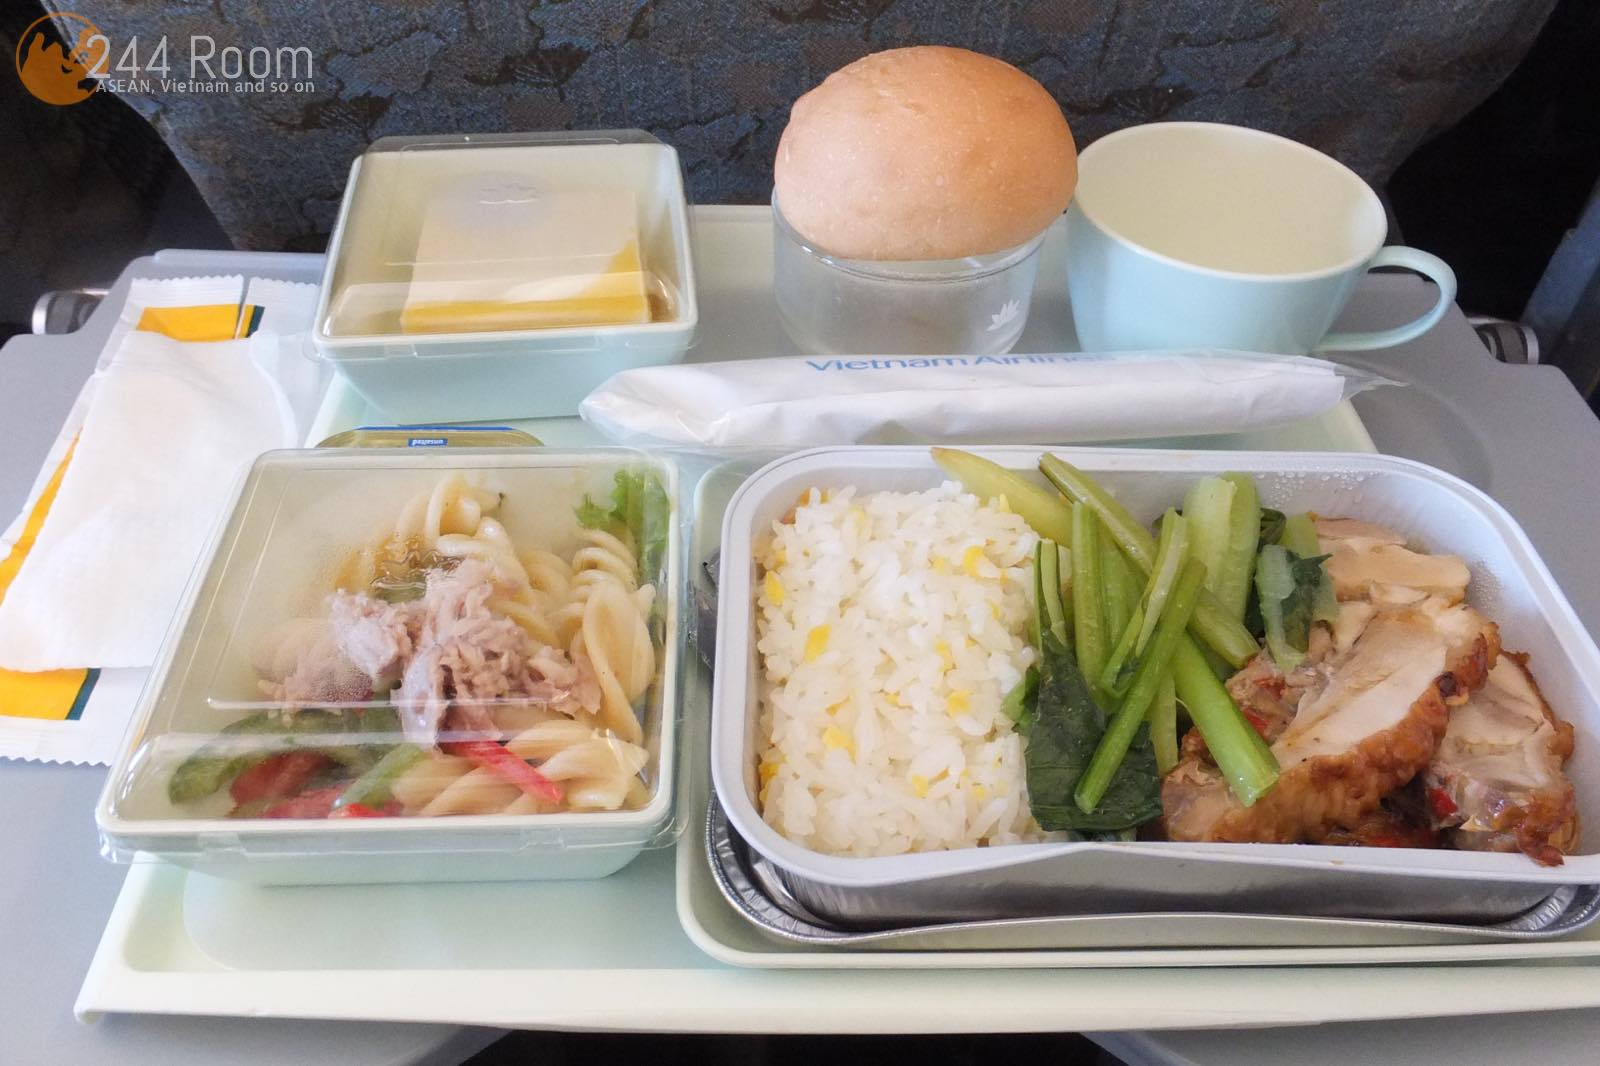 ベトナムエアライン機内食 Vietnam Airlines Flight meal